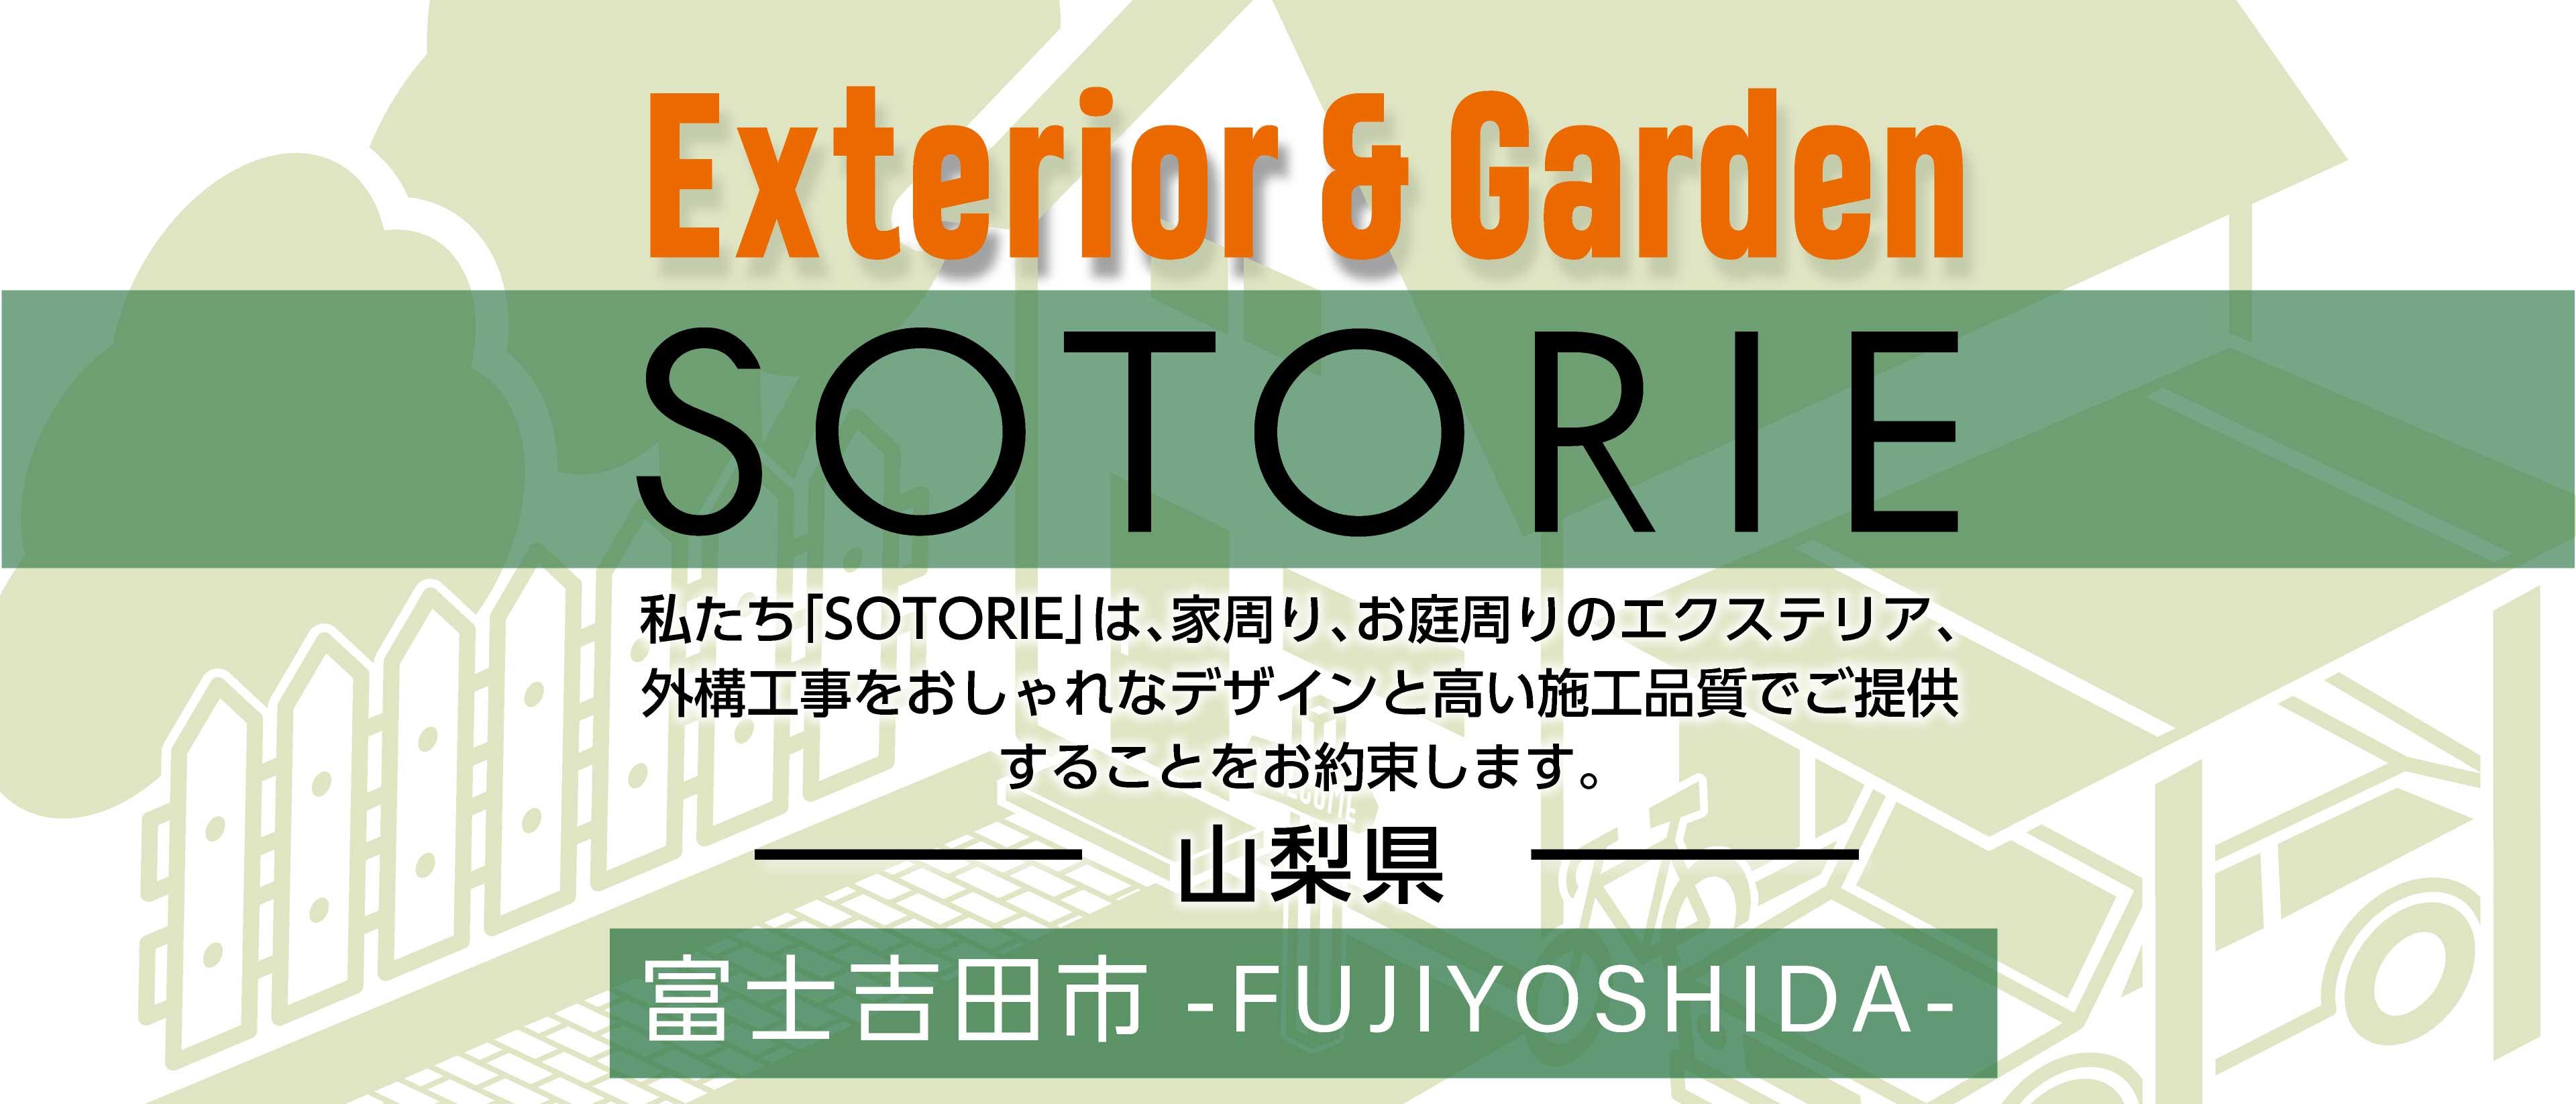 ソトリエ富士吉田市では、家周りと庭周りの外構、エクステリア工事をおしゃれなデザインと高い施工品質でご提供することをお約束します。